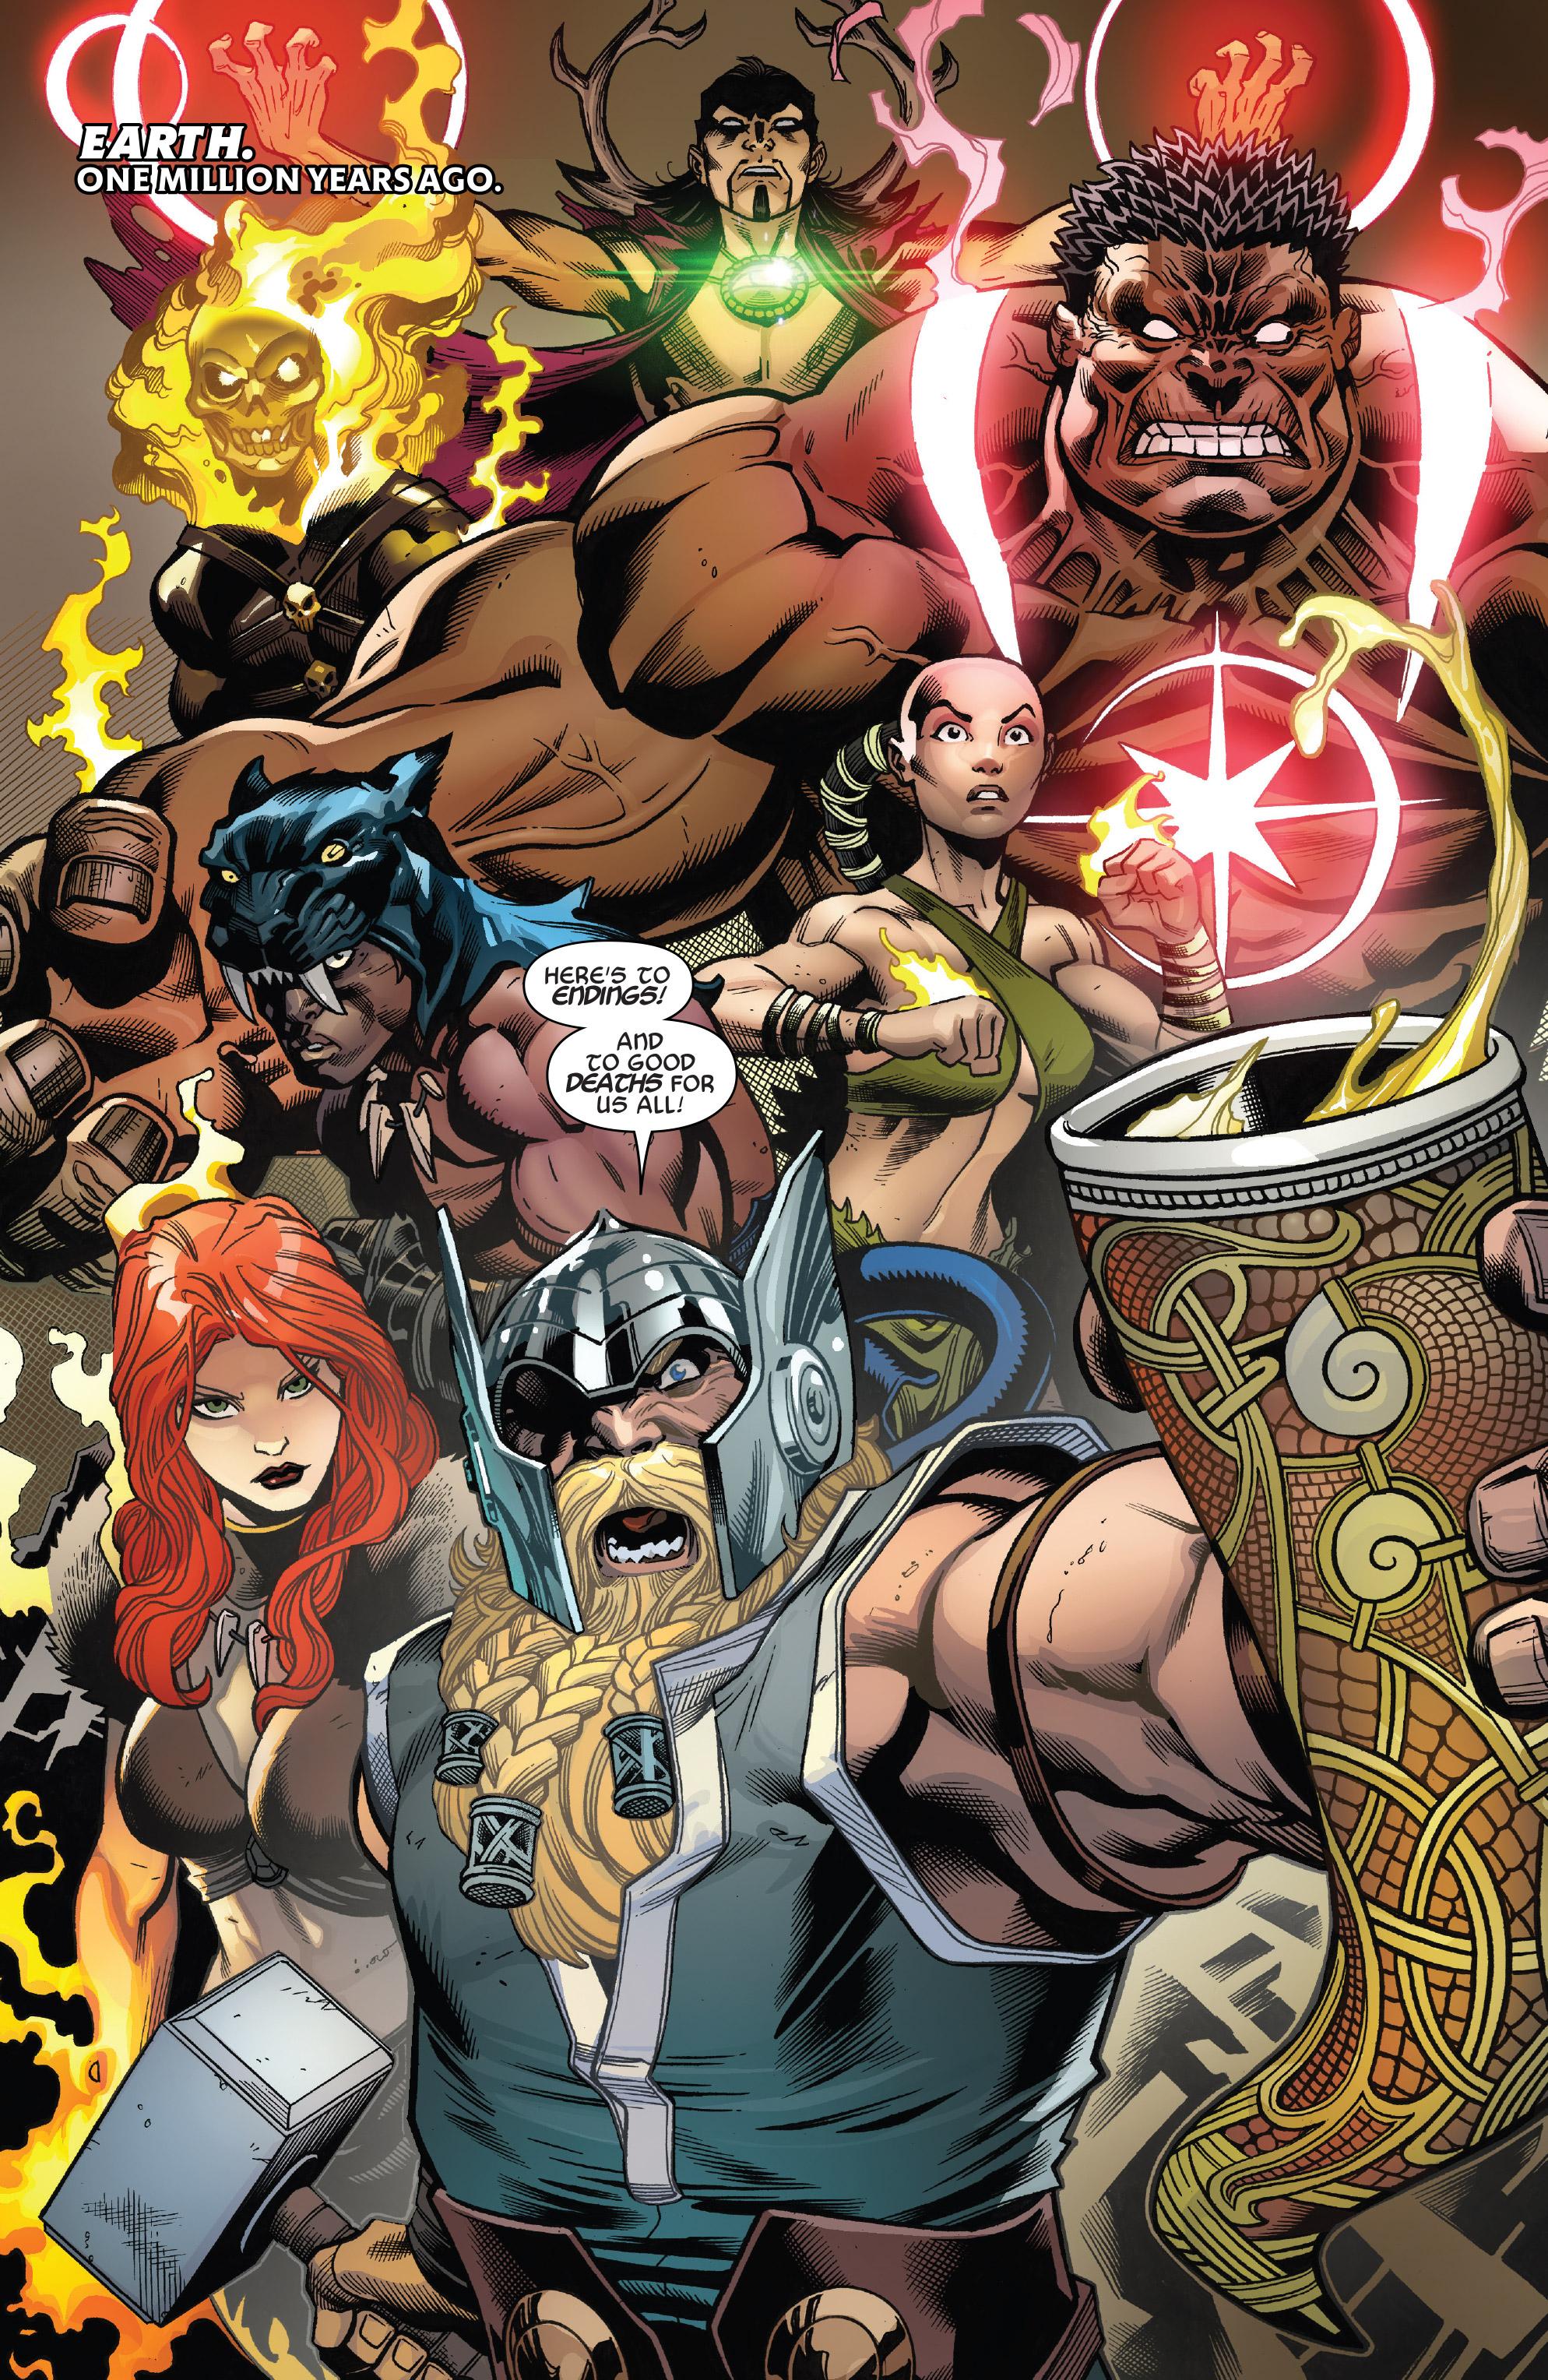 Avengers (1,000,000 BC) (Earth-616)